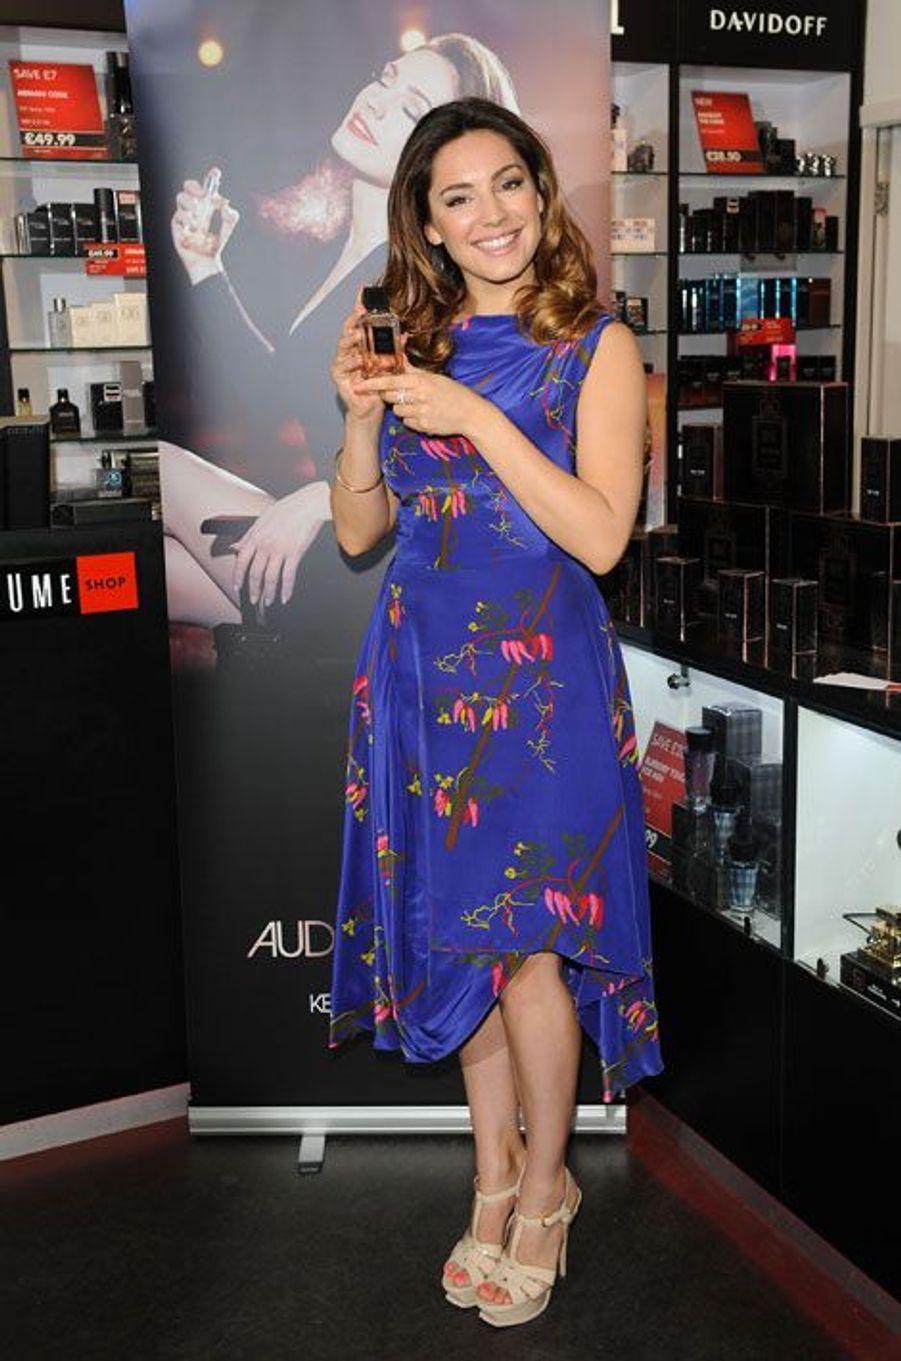 Le top britannique Kelly Brook s'est elle aussi lancée dans les effluves, en présentant son parfum éponyme à Londres en octobre 2007. Elle en a présenté un nouveau au mois de mars dernier, baptisé Audition.